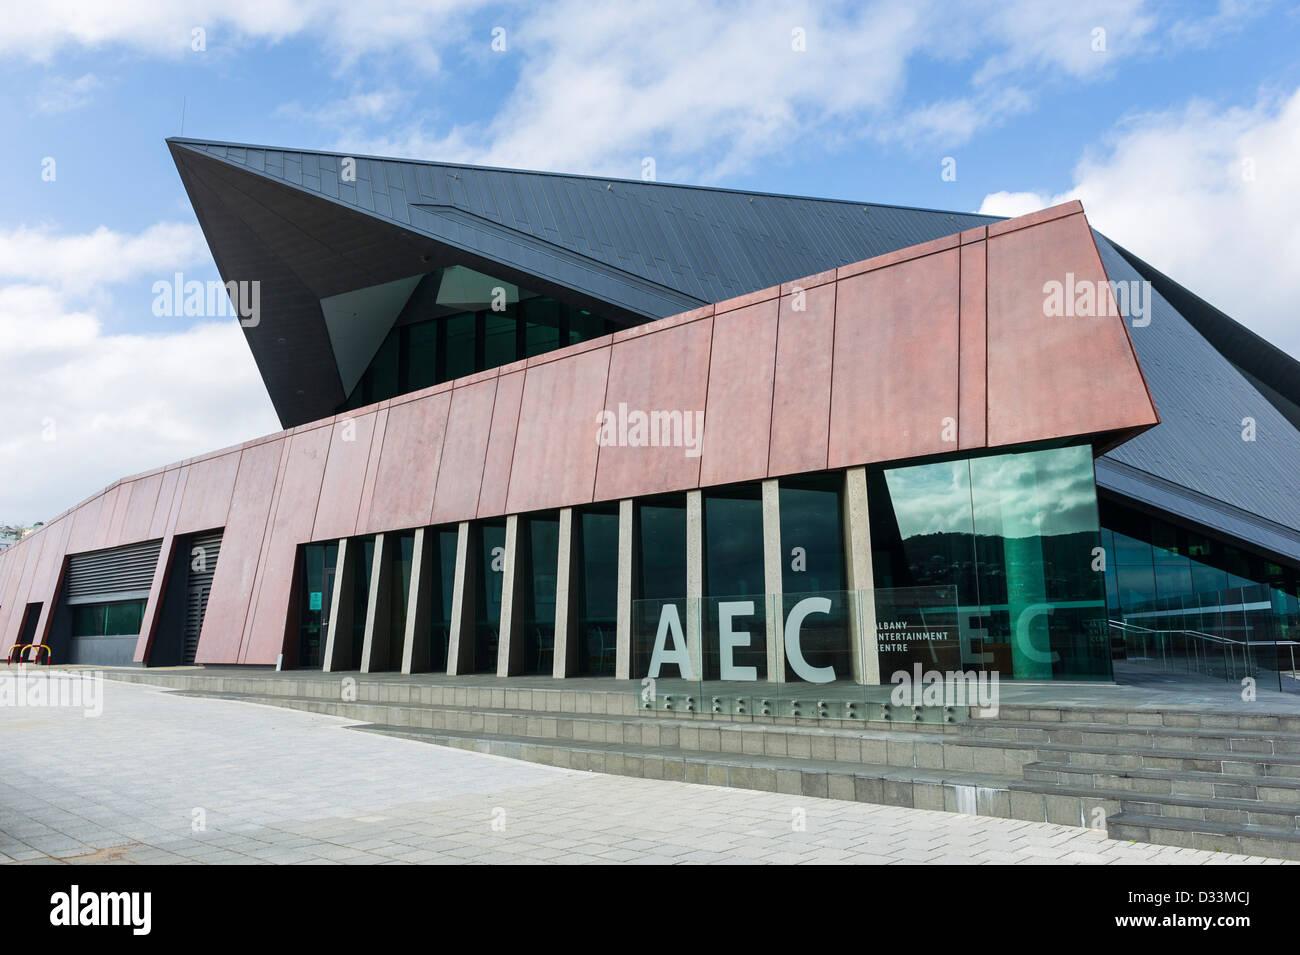 L'extérieur de l'Albany Albany, centre de divertissement dans l'ouest de l'Australie Photo Stock